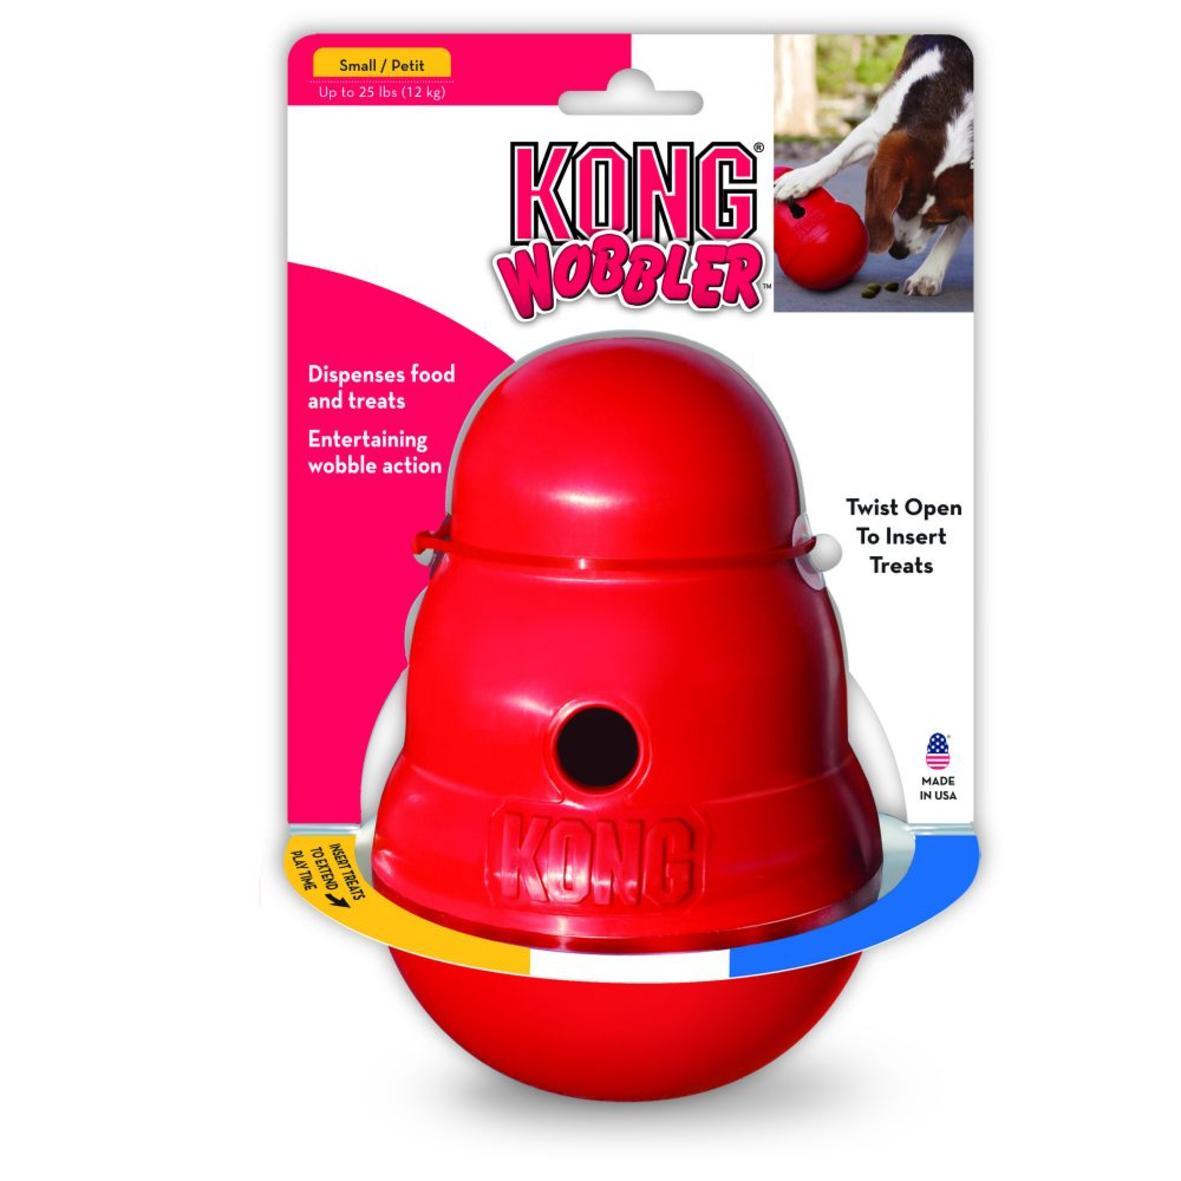 KONG Wobbler Red